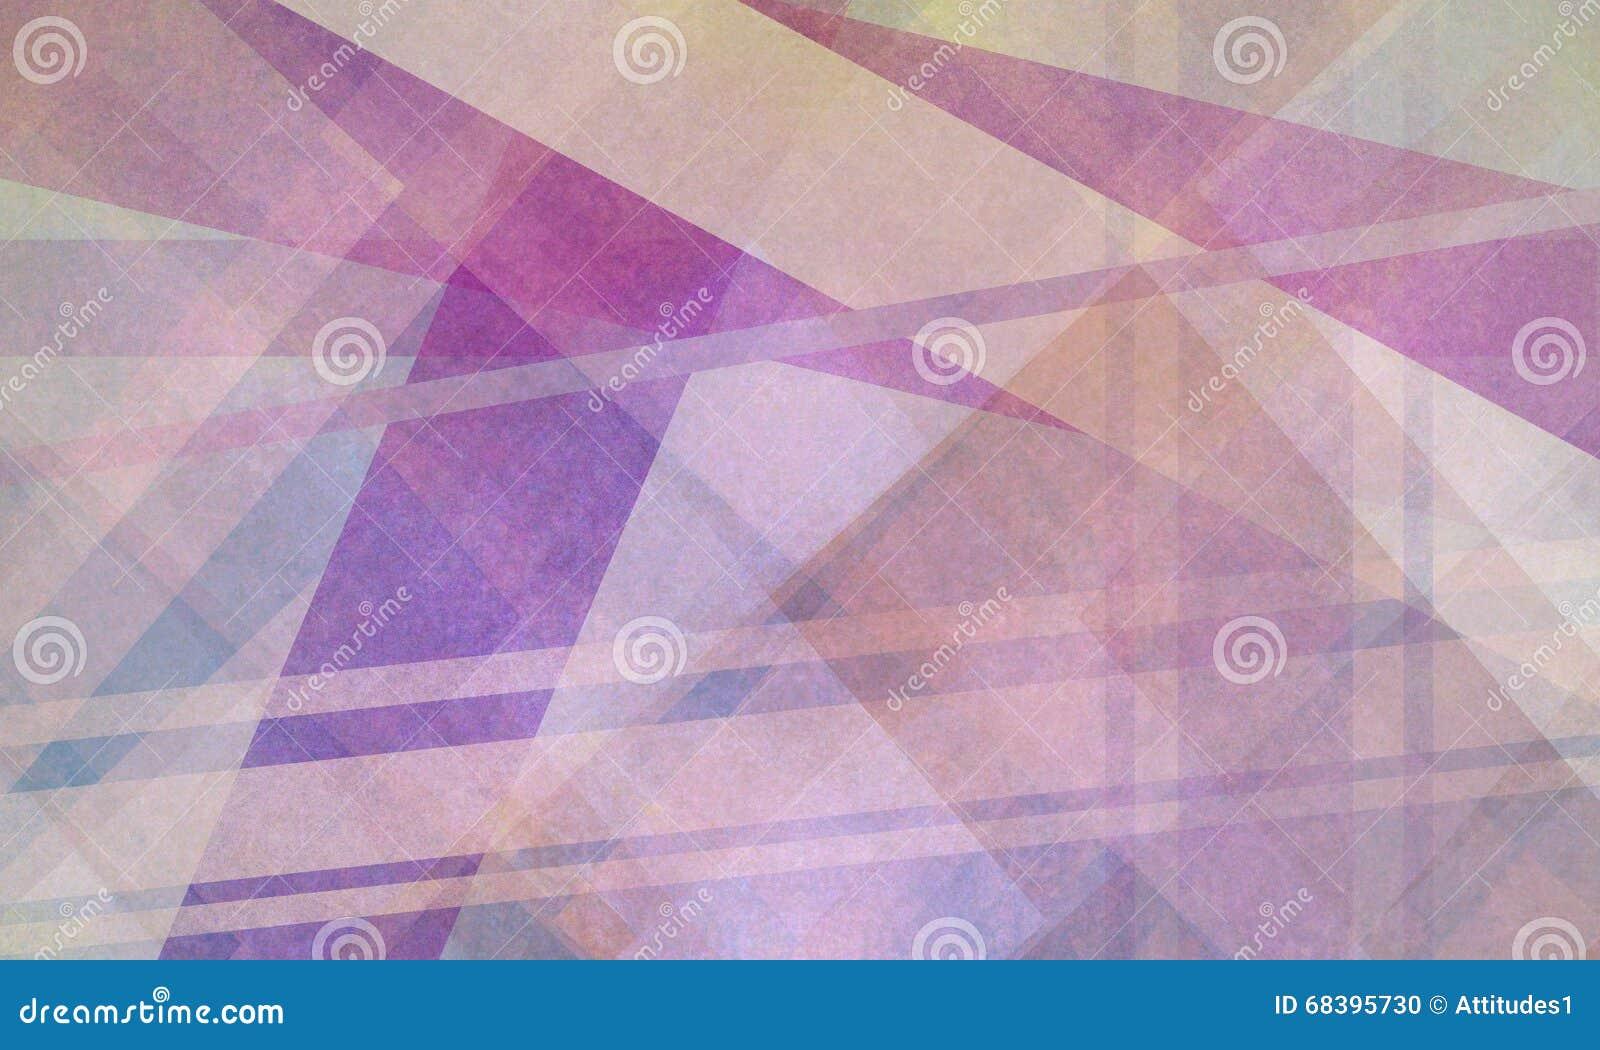 O fundo geométrico abstrato com as listras roxas e brancas dobra linhas e formas